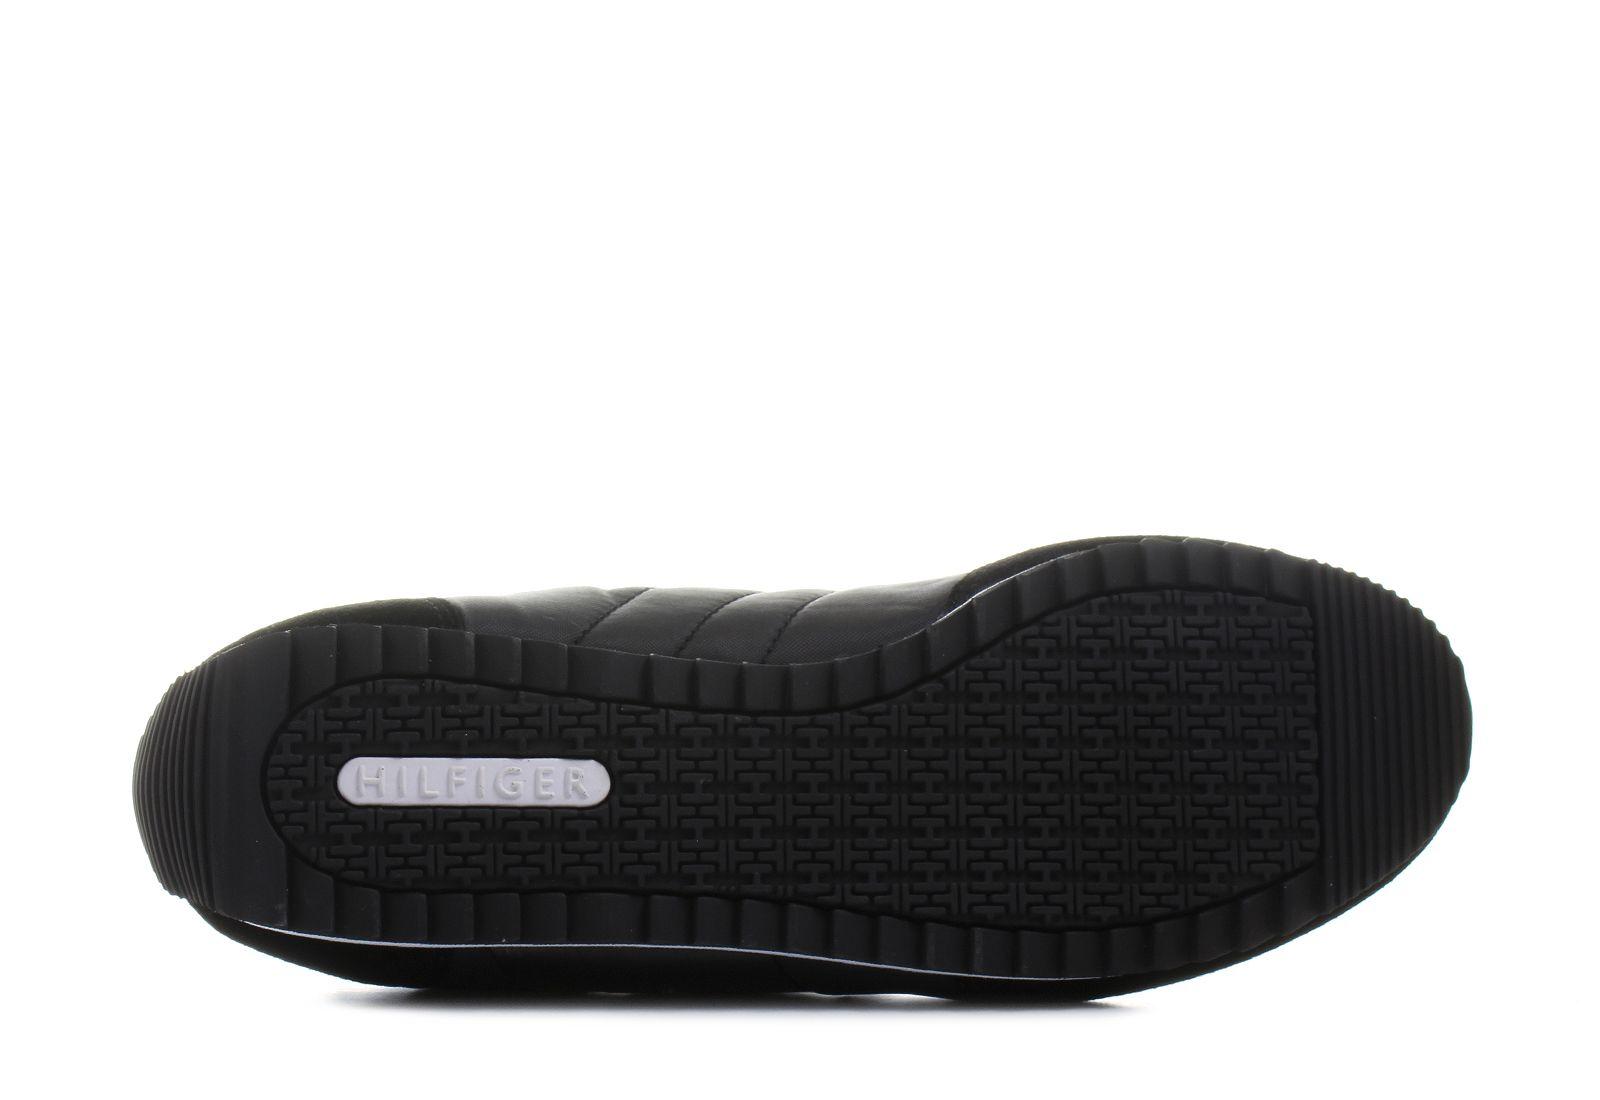 Tommy Hilfiger Cipő - Branson 8c1 - 17S-0612-990 - Office Shoes ... e2cc598739